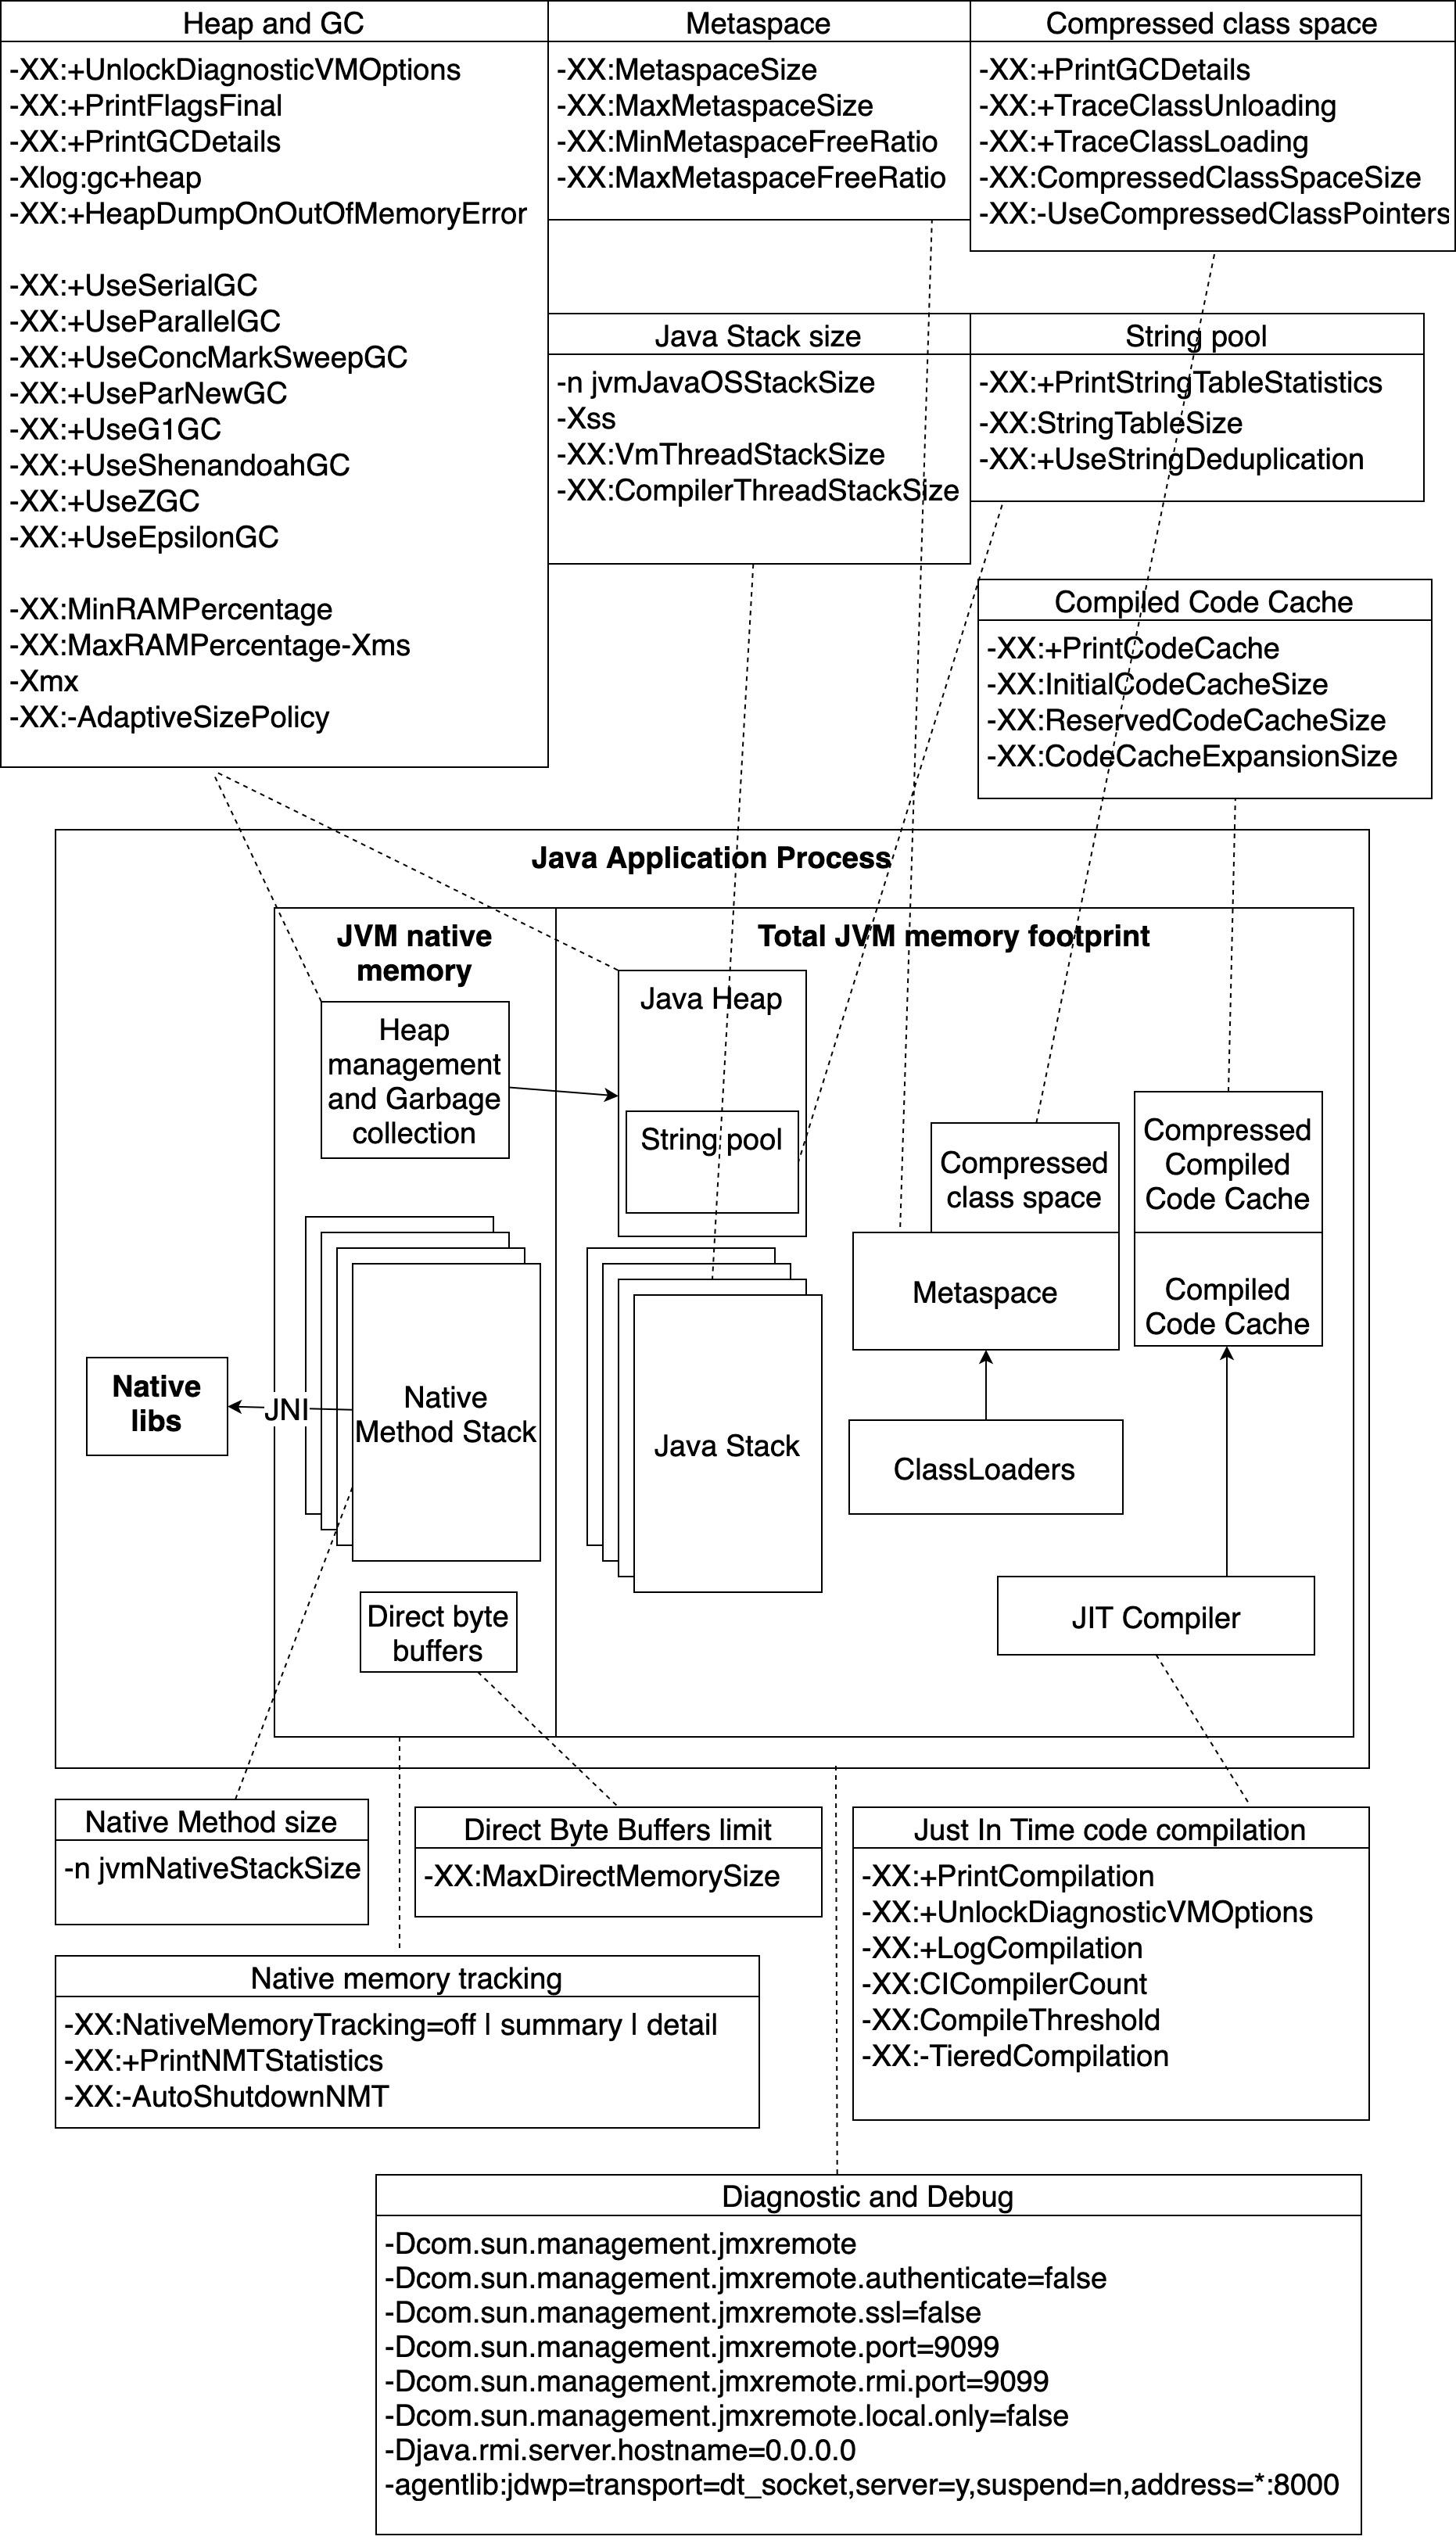 Детализированная диаграмма использования памяти Java процесса некоторыми параметрами